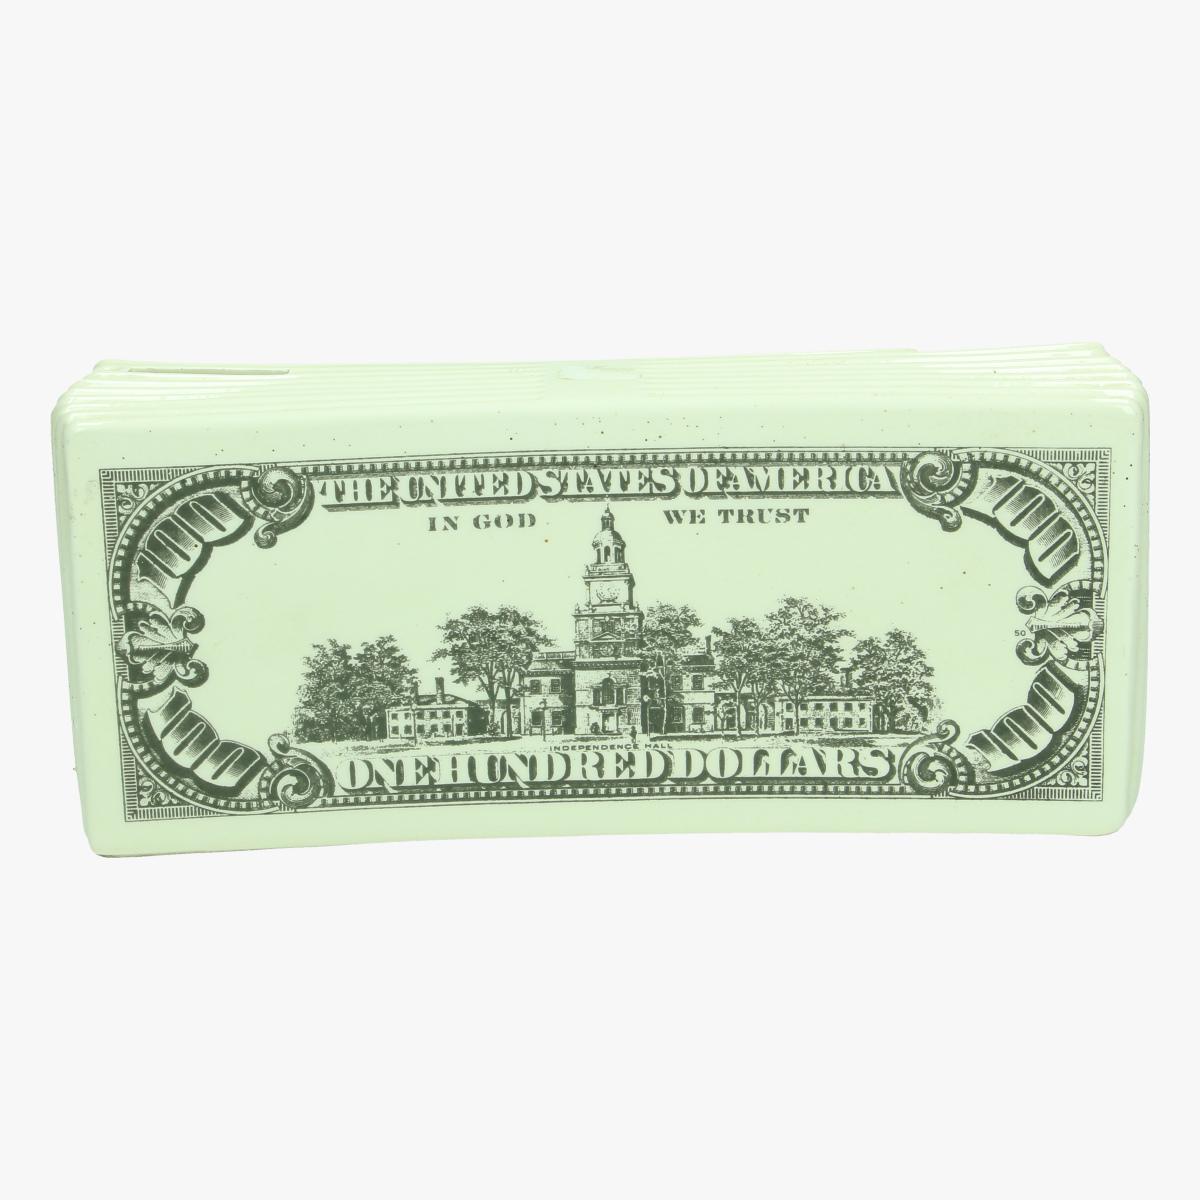 Afbeeldingen van spaarpot porselein 100 dollar